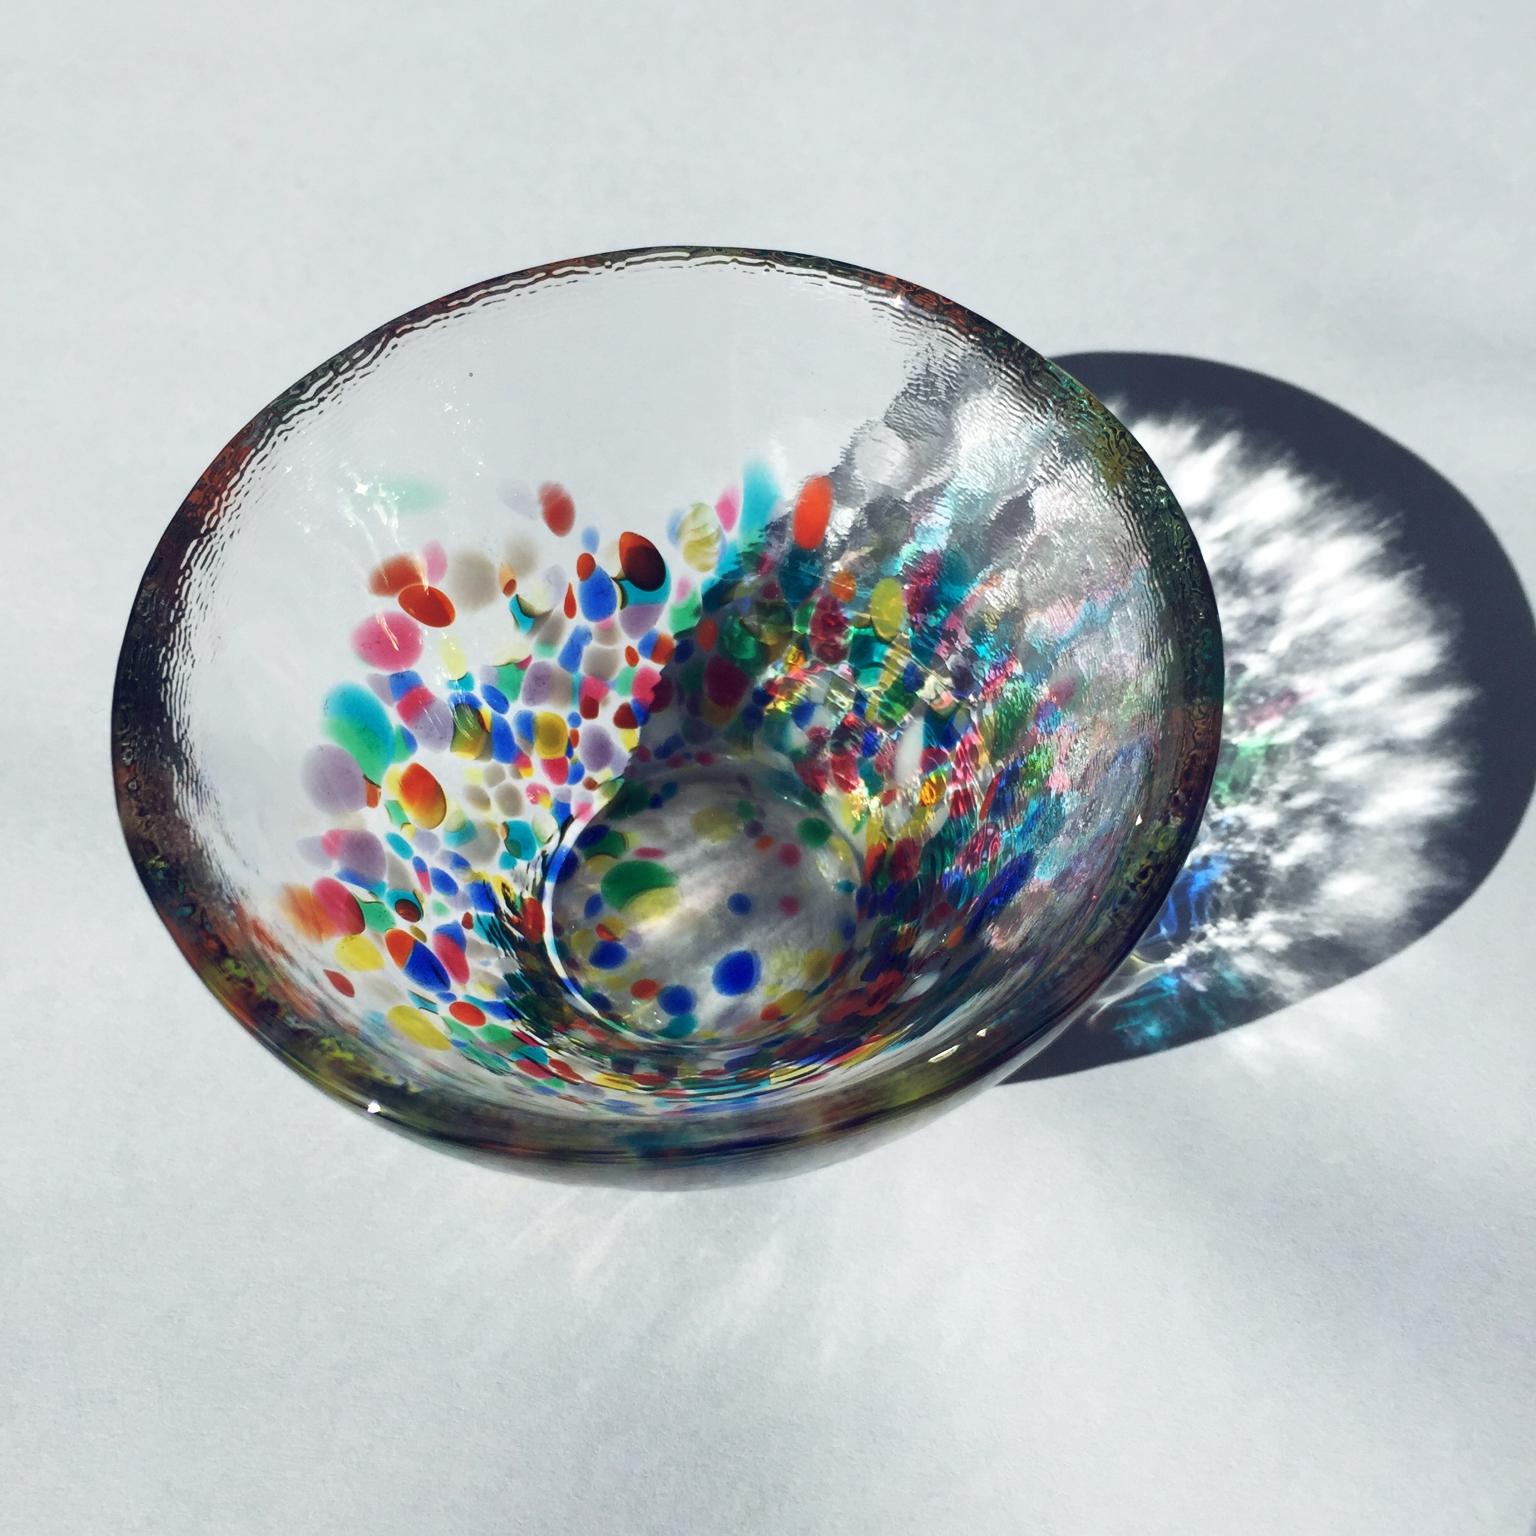 夏に恋しい清涼感♪テーブルに涼を運ぶグラス&ガラス食器